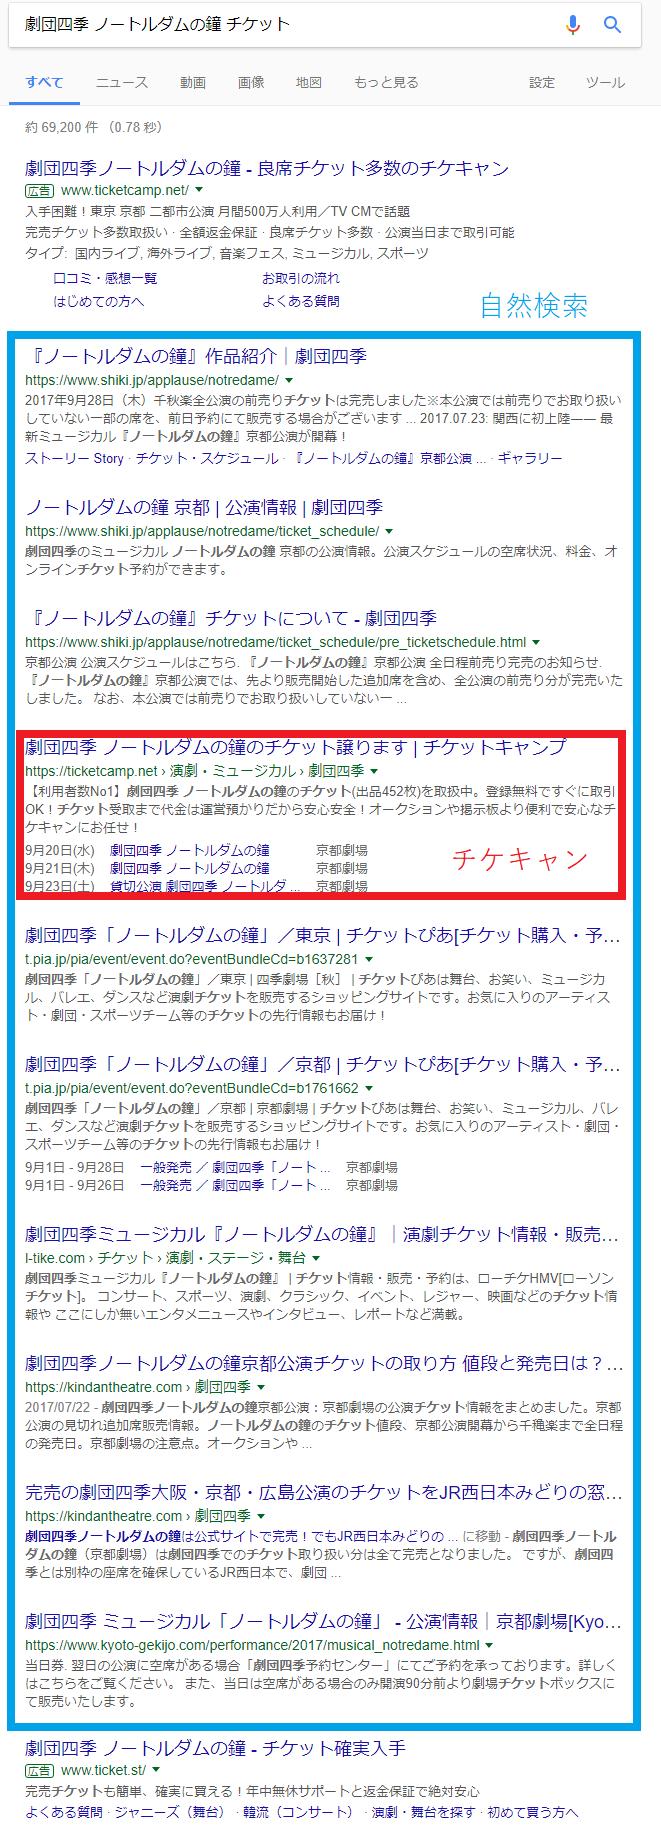 Google検索結果「劇団四季 ノートルダムの鐘 チケット」の例:自然検索の上位にチケキャンが表示されている